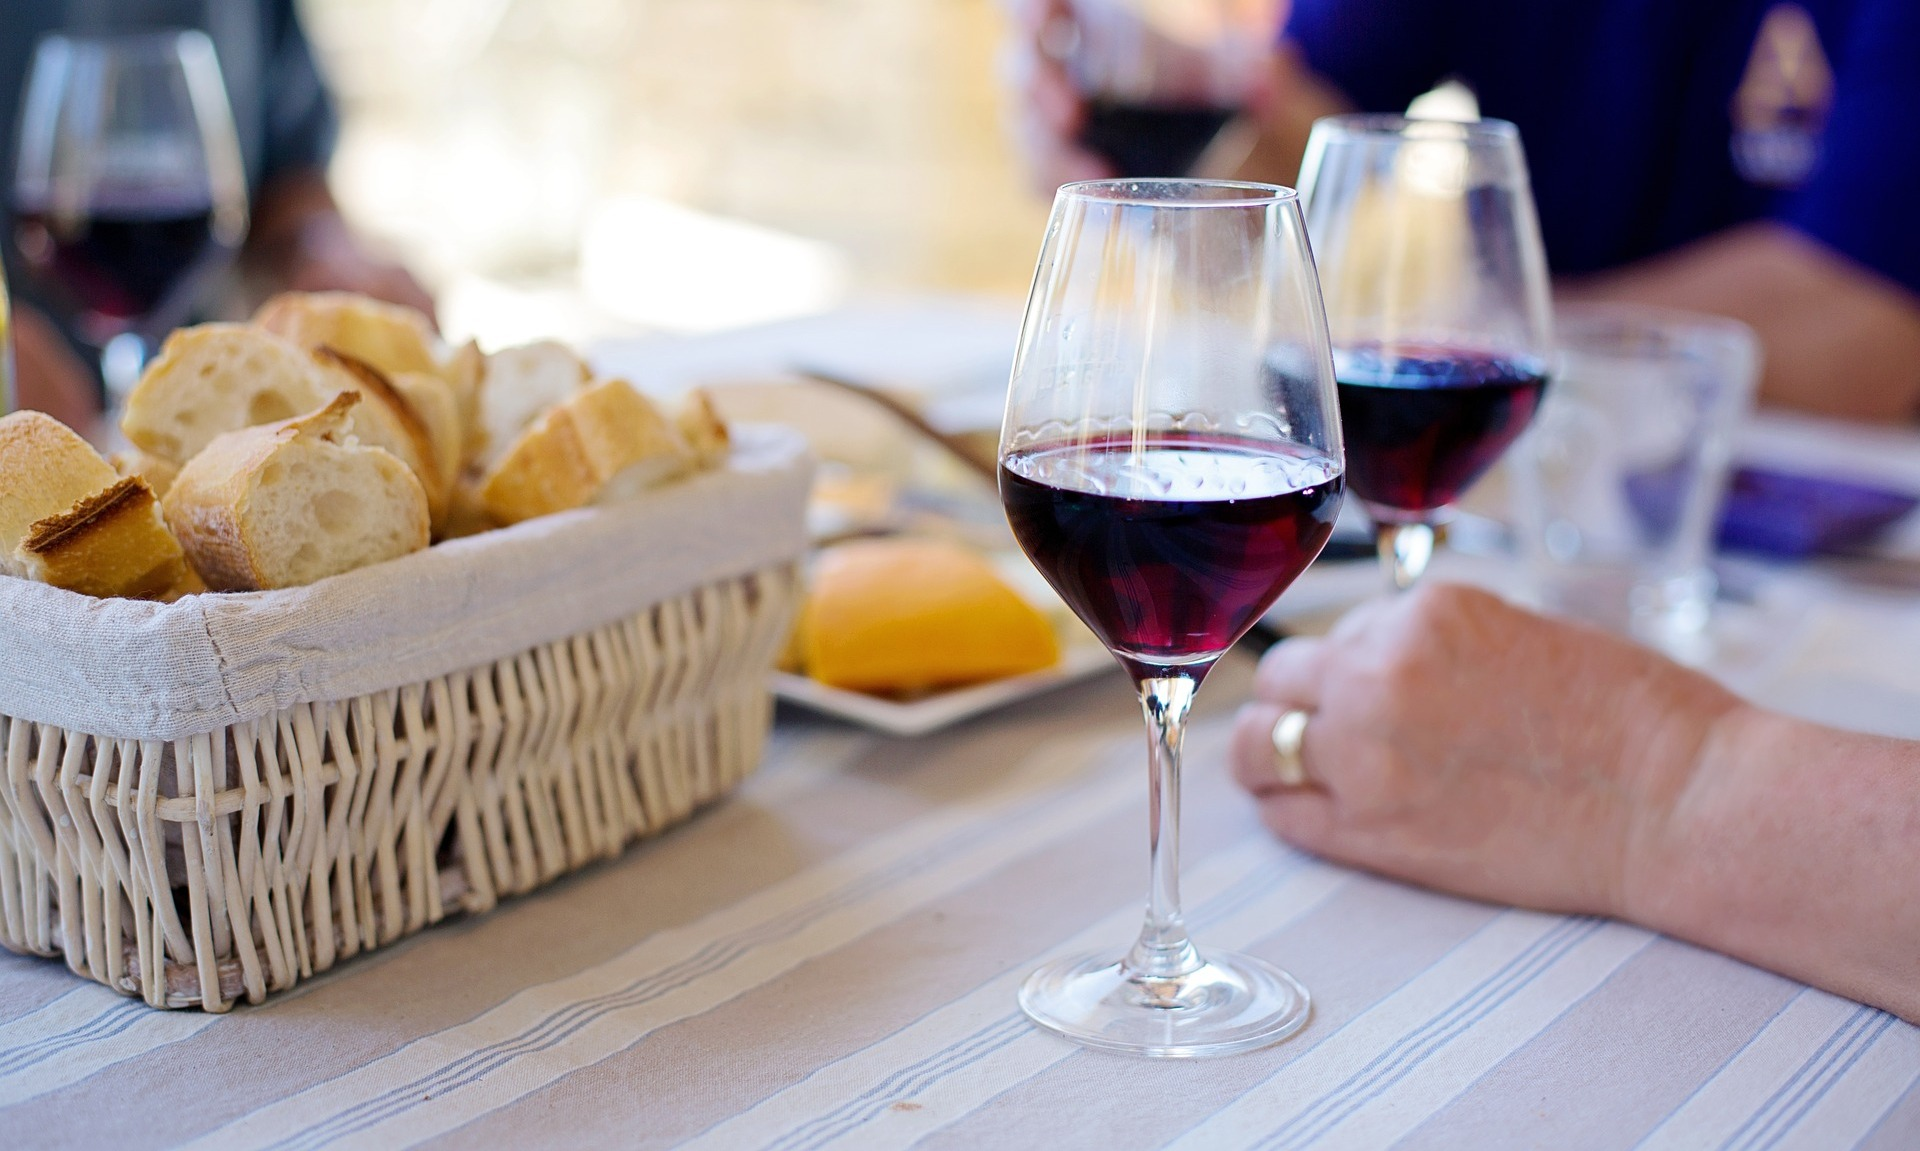 Proost! Wijn wordt goedkoper in 2019